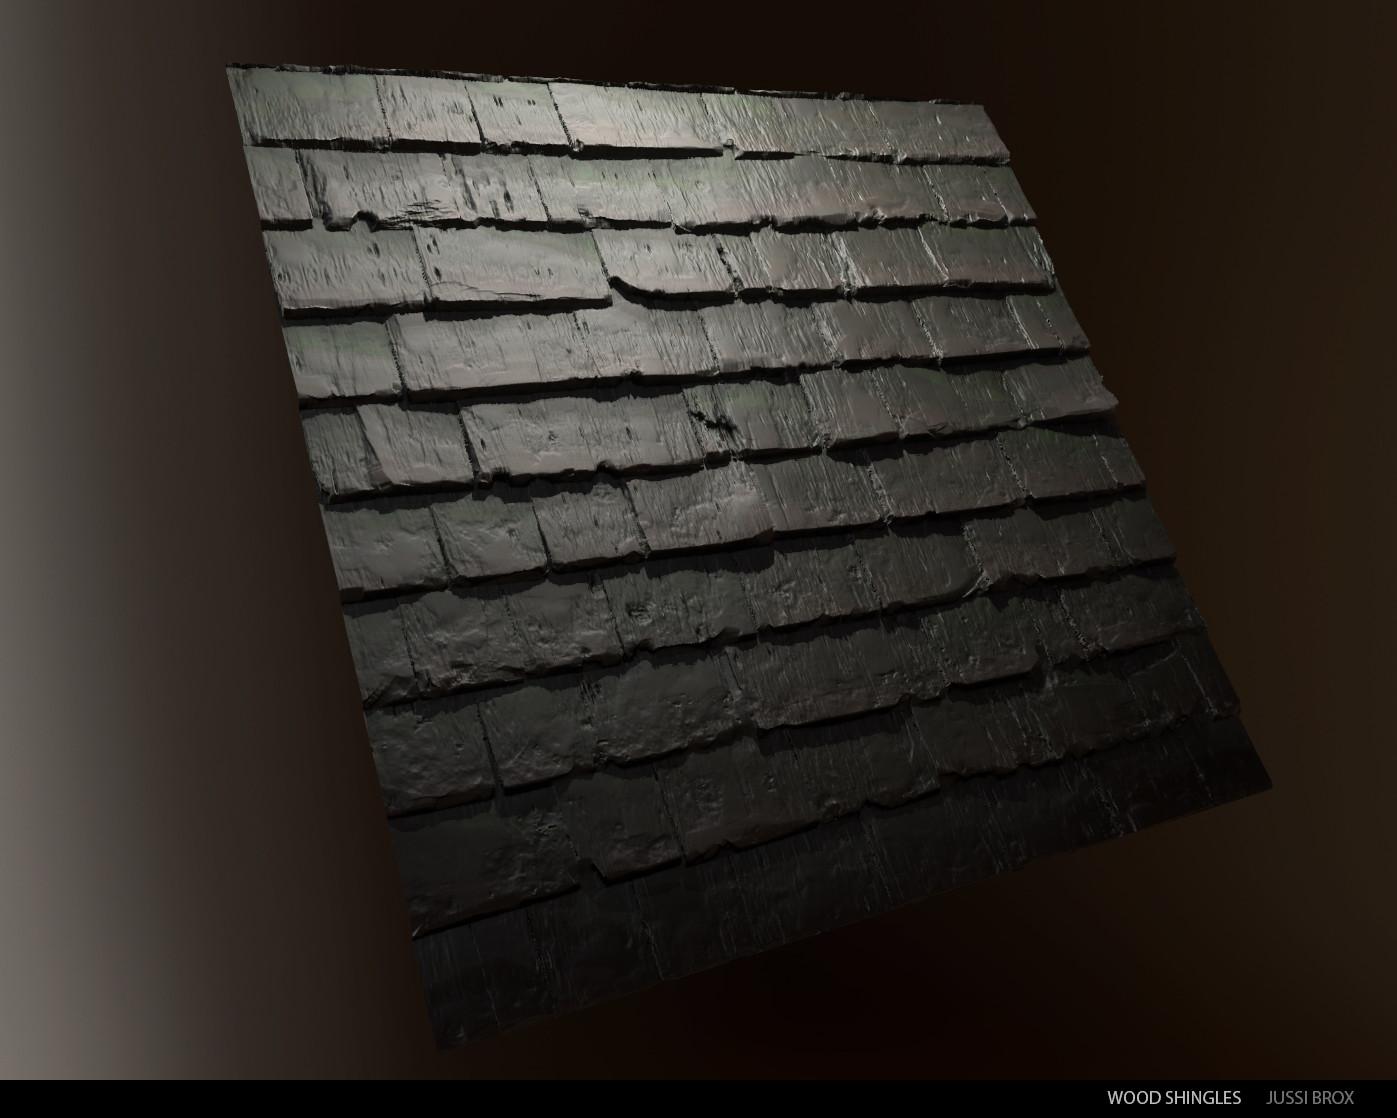 Wood study - Roof shingles